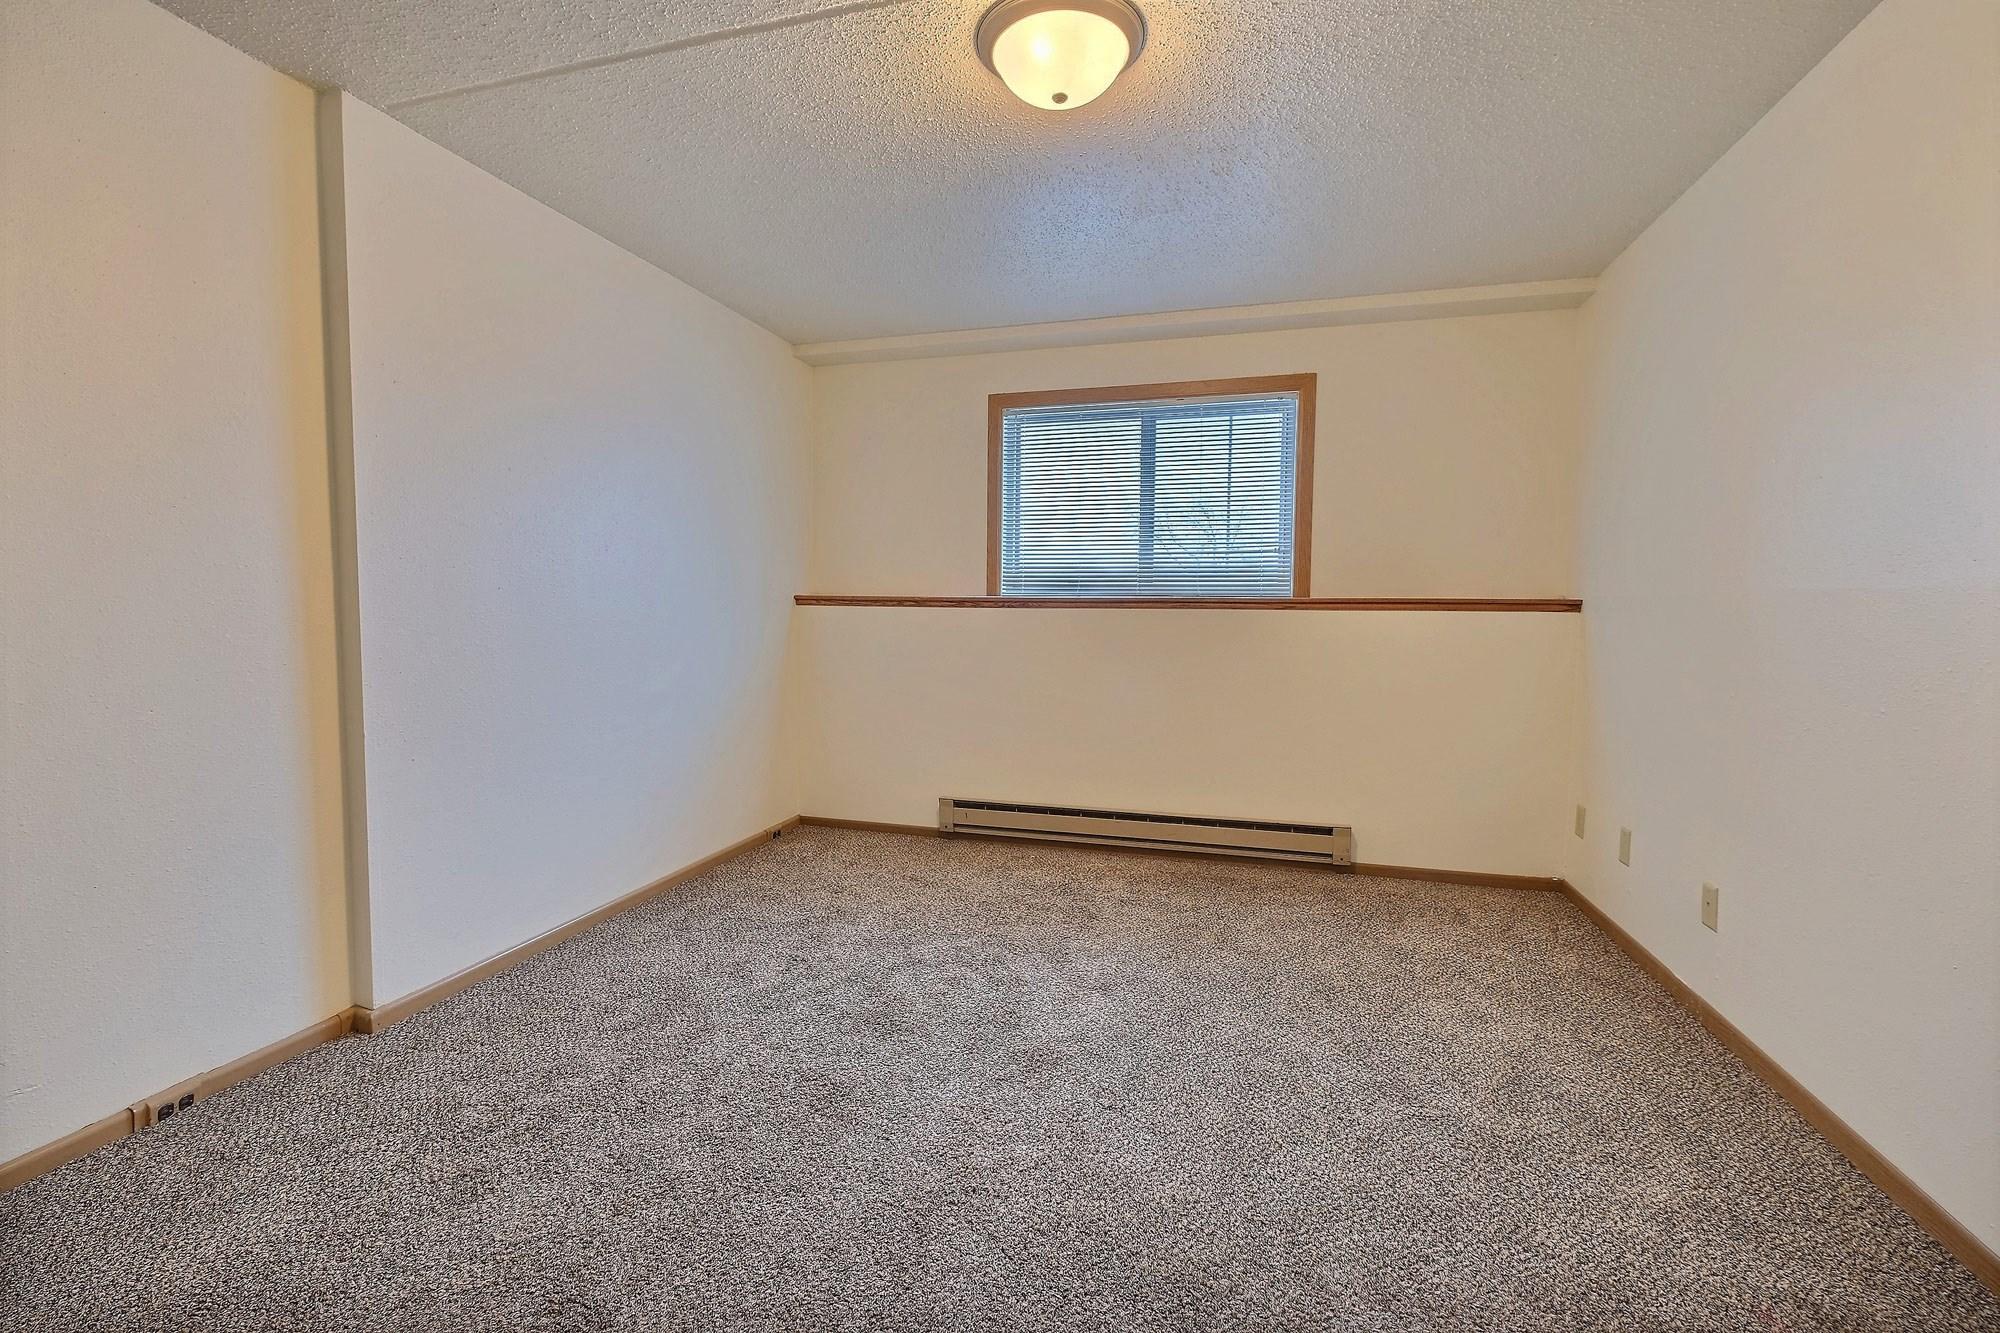 Alden Pines Apartments | 2 Bedroom | Bedroom